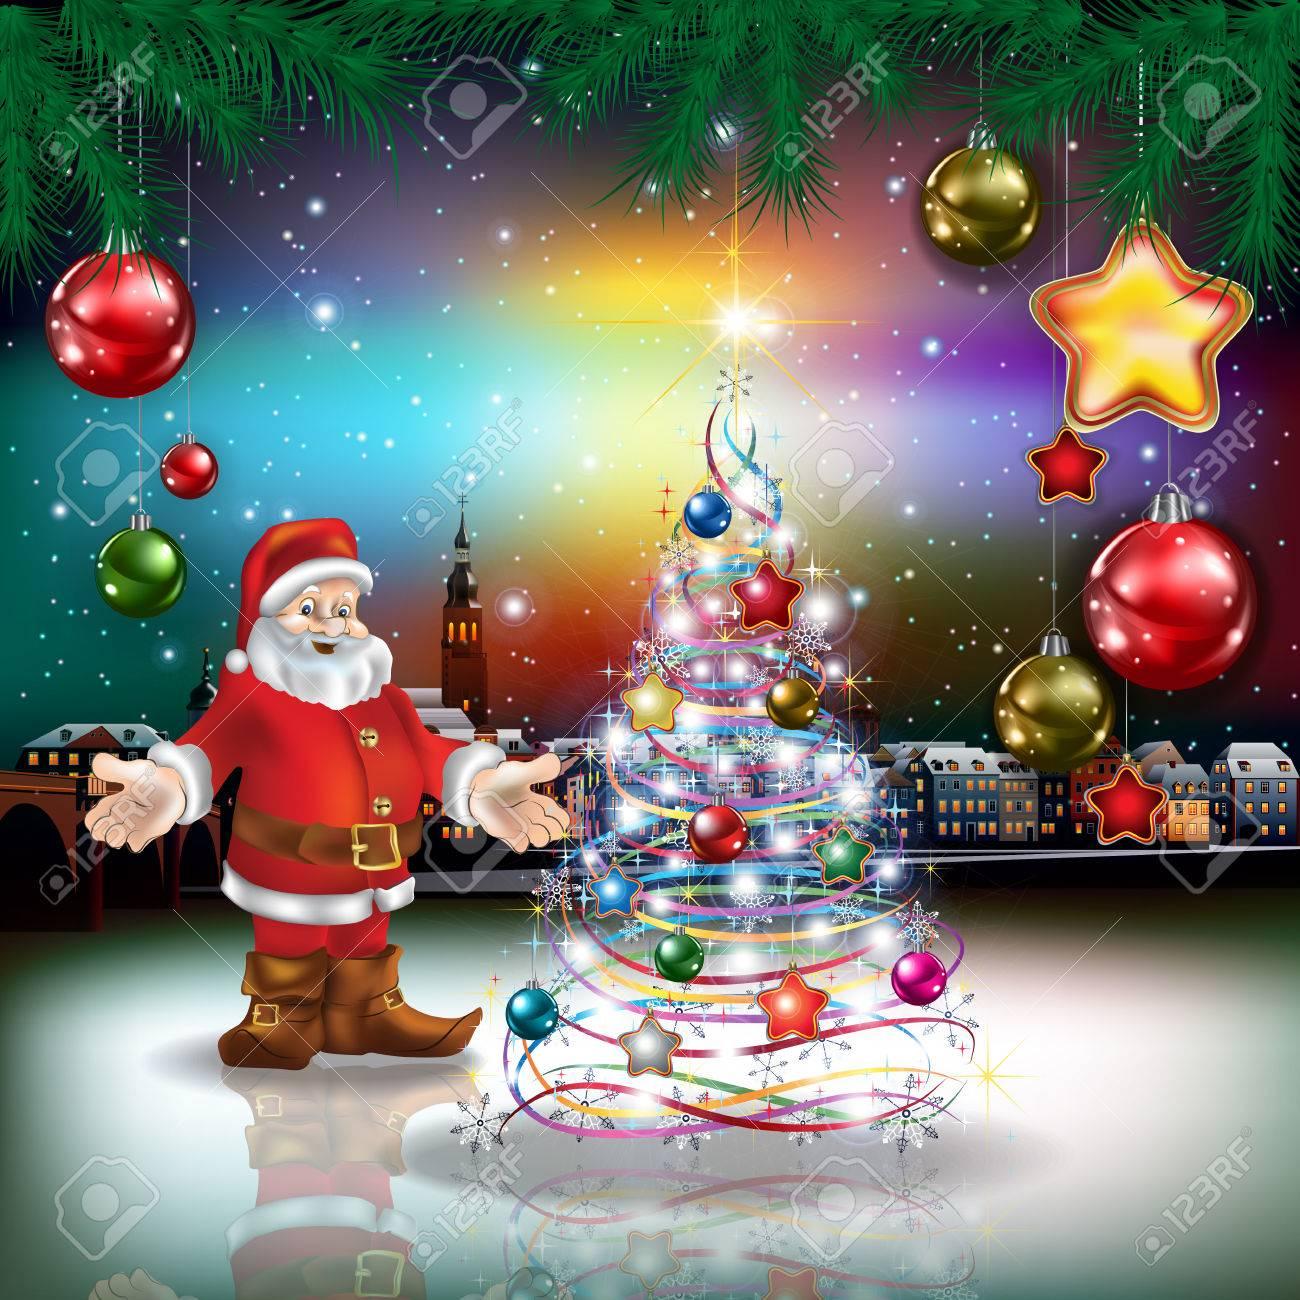 Foto Di Natale Con Auguri.Auguri Di Natale Con Panorama Della Citta Vecchia E Babbo Natale